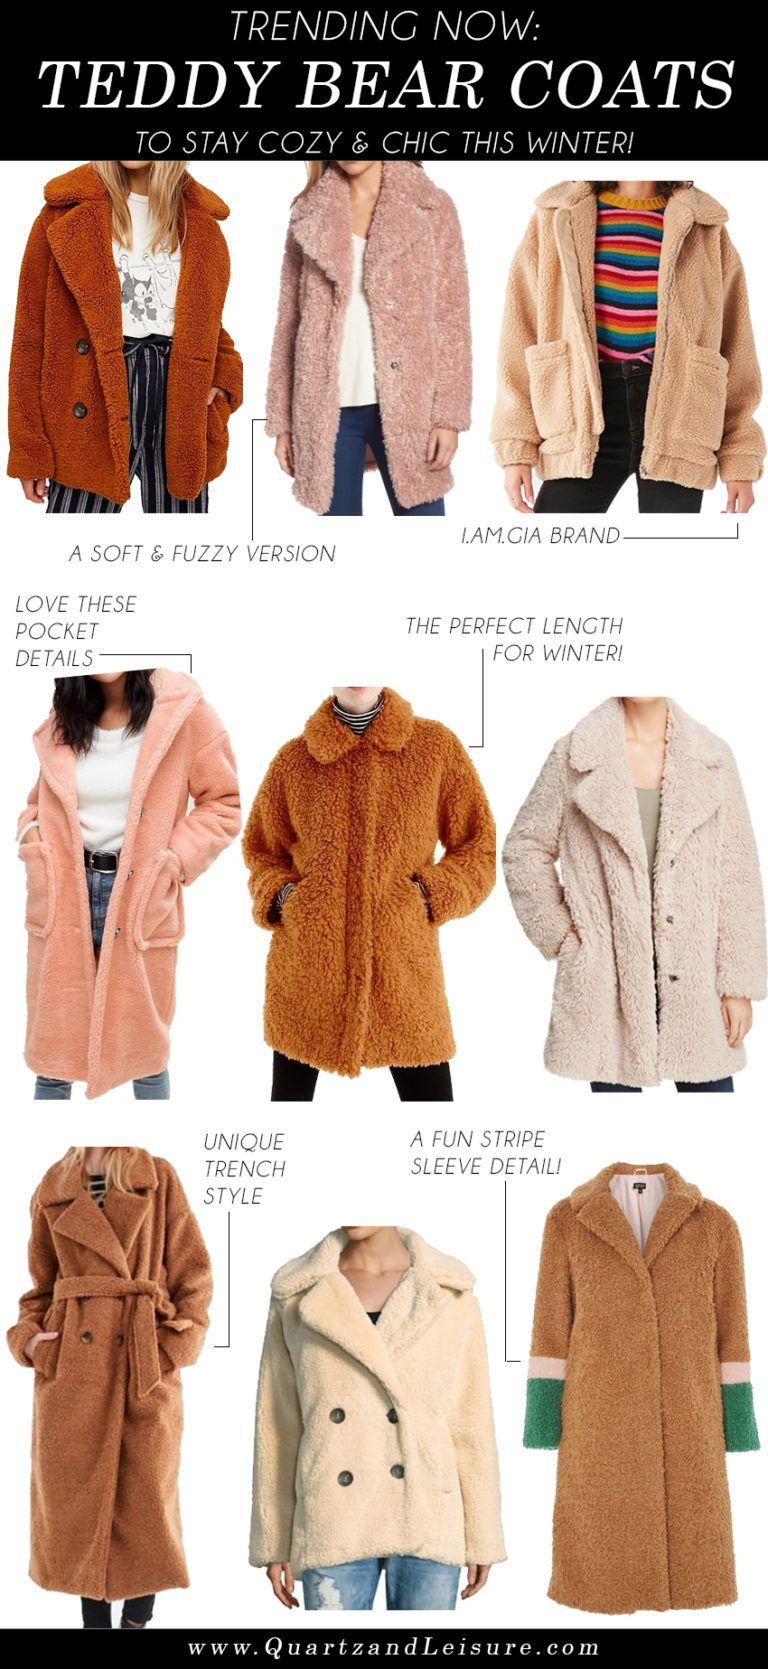 a1f277a228a Trending Now  The Teddy Bear Coat